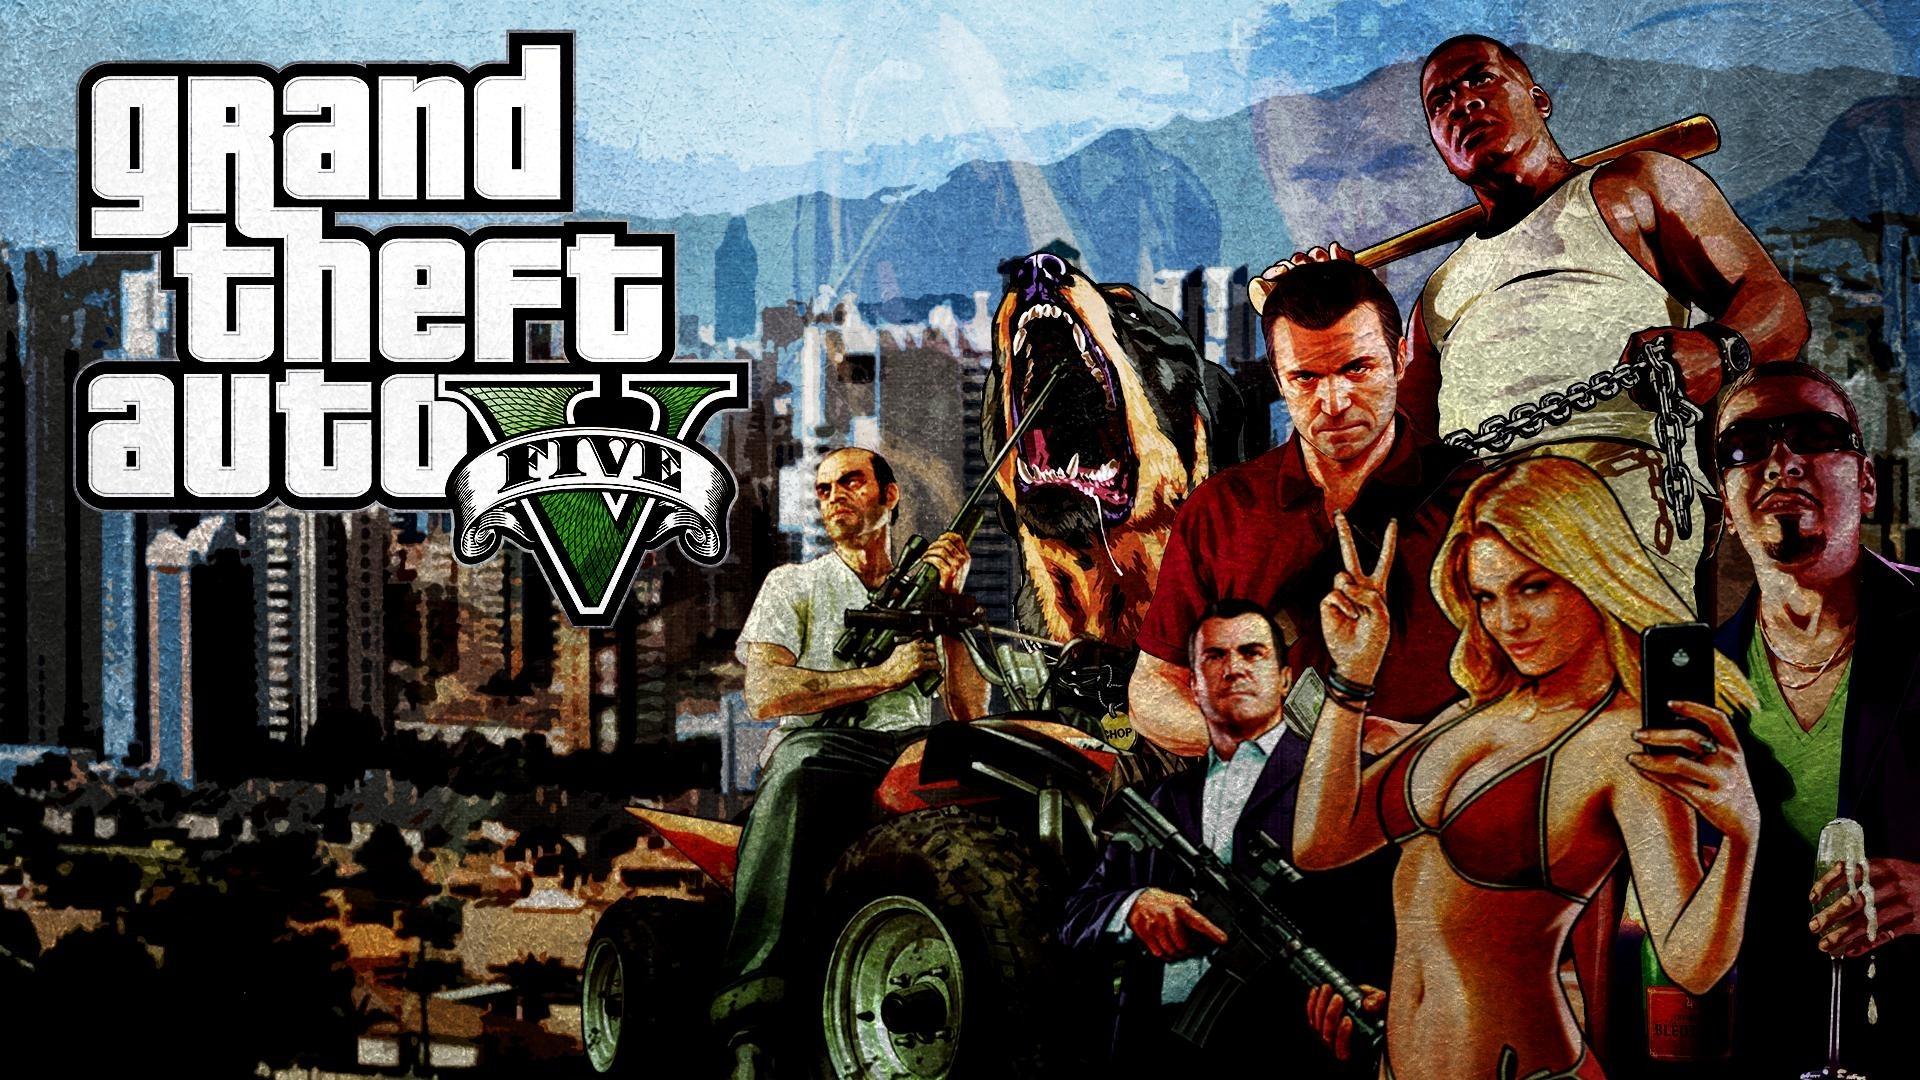 Grand Theft Auto V Wallpaper Download 1280×720 Gta V Wallpaper | Adorable  Wallpapers | Desktop | Pinterest | Wallpaper downloads and Wallpaper